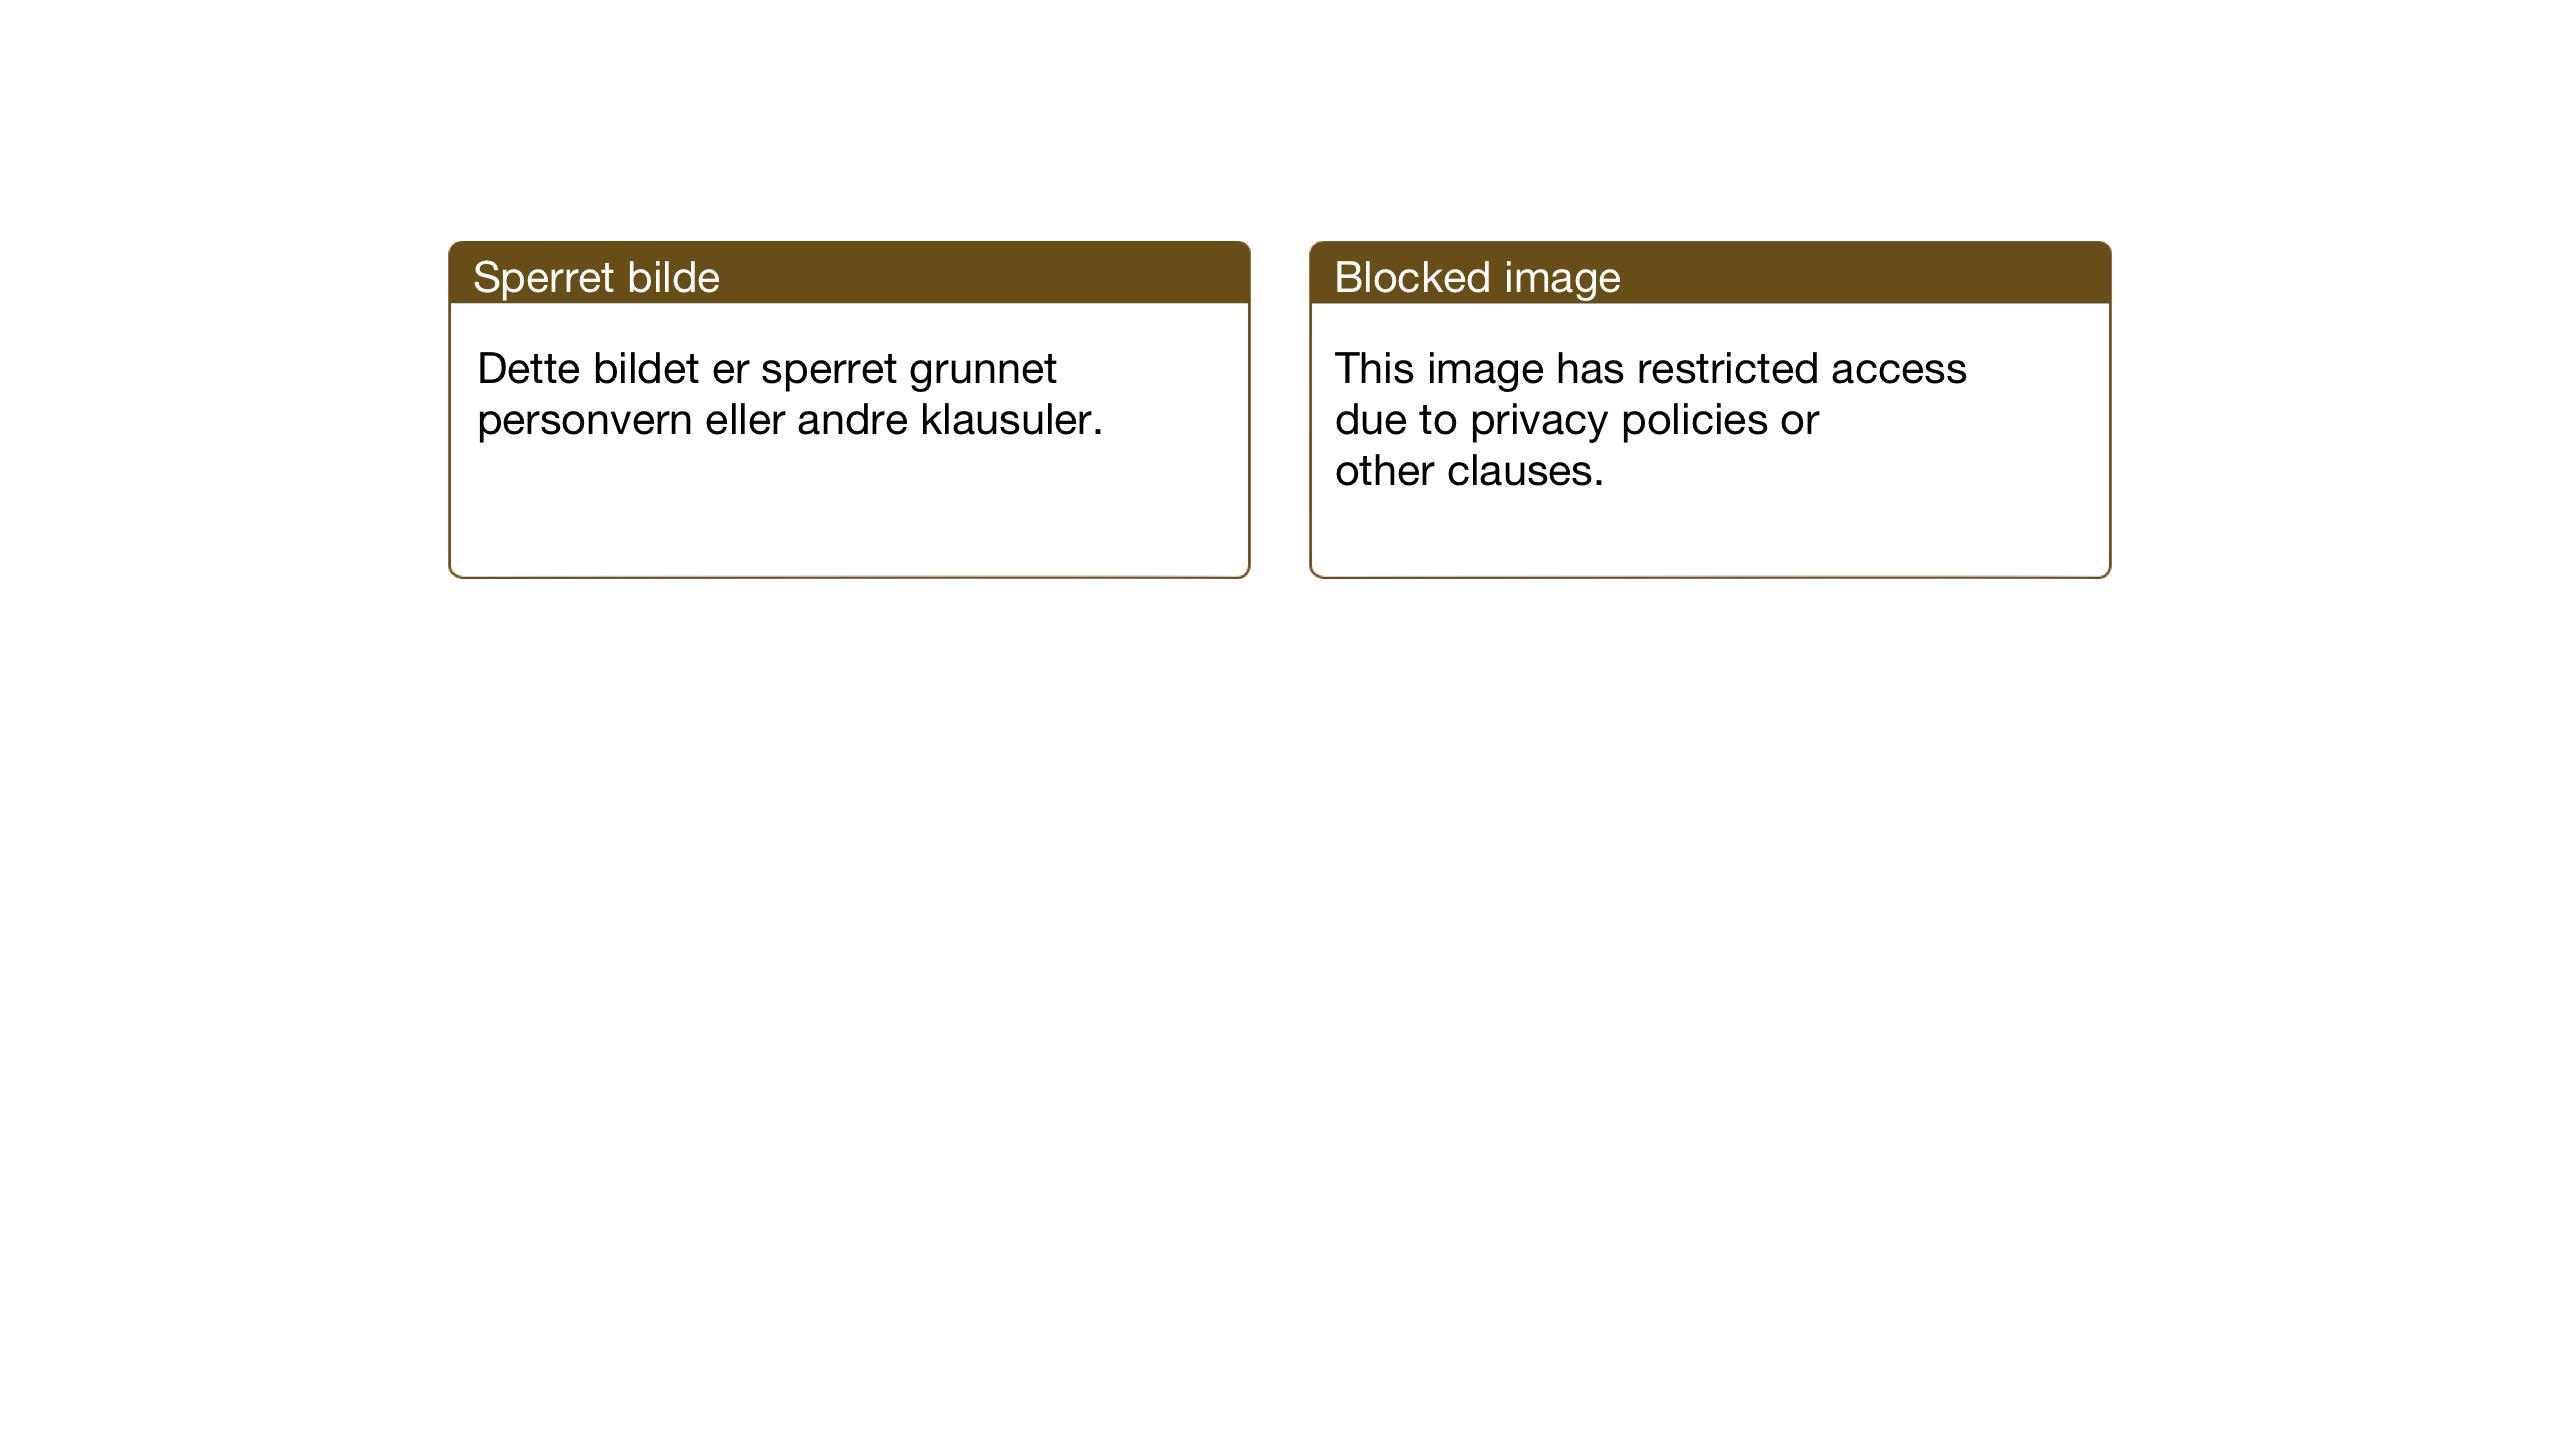 SAT, Ministerialprotokoller, klokkerbøker og fødselsregistre - Sør-Trøndelag, 696/L1161: Klokkerbok nr. 696C01, 1902-1950, s. 58